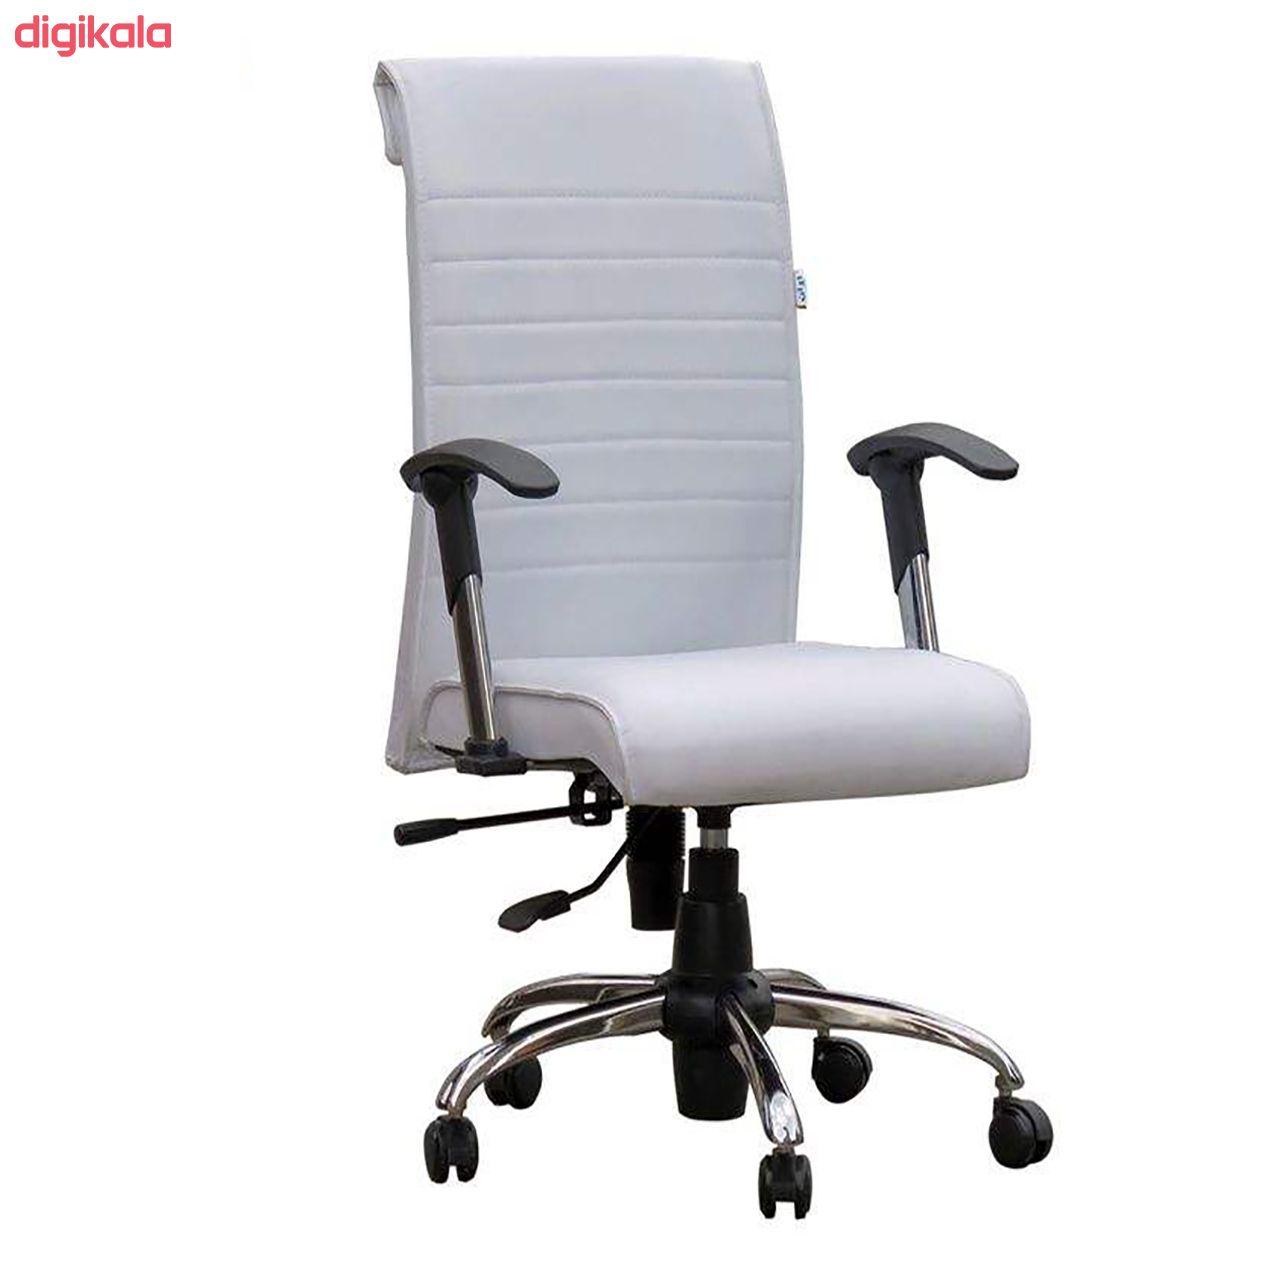 صندلی کارمندی مدل k2 main 1 1